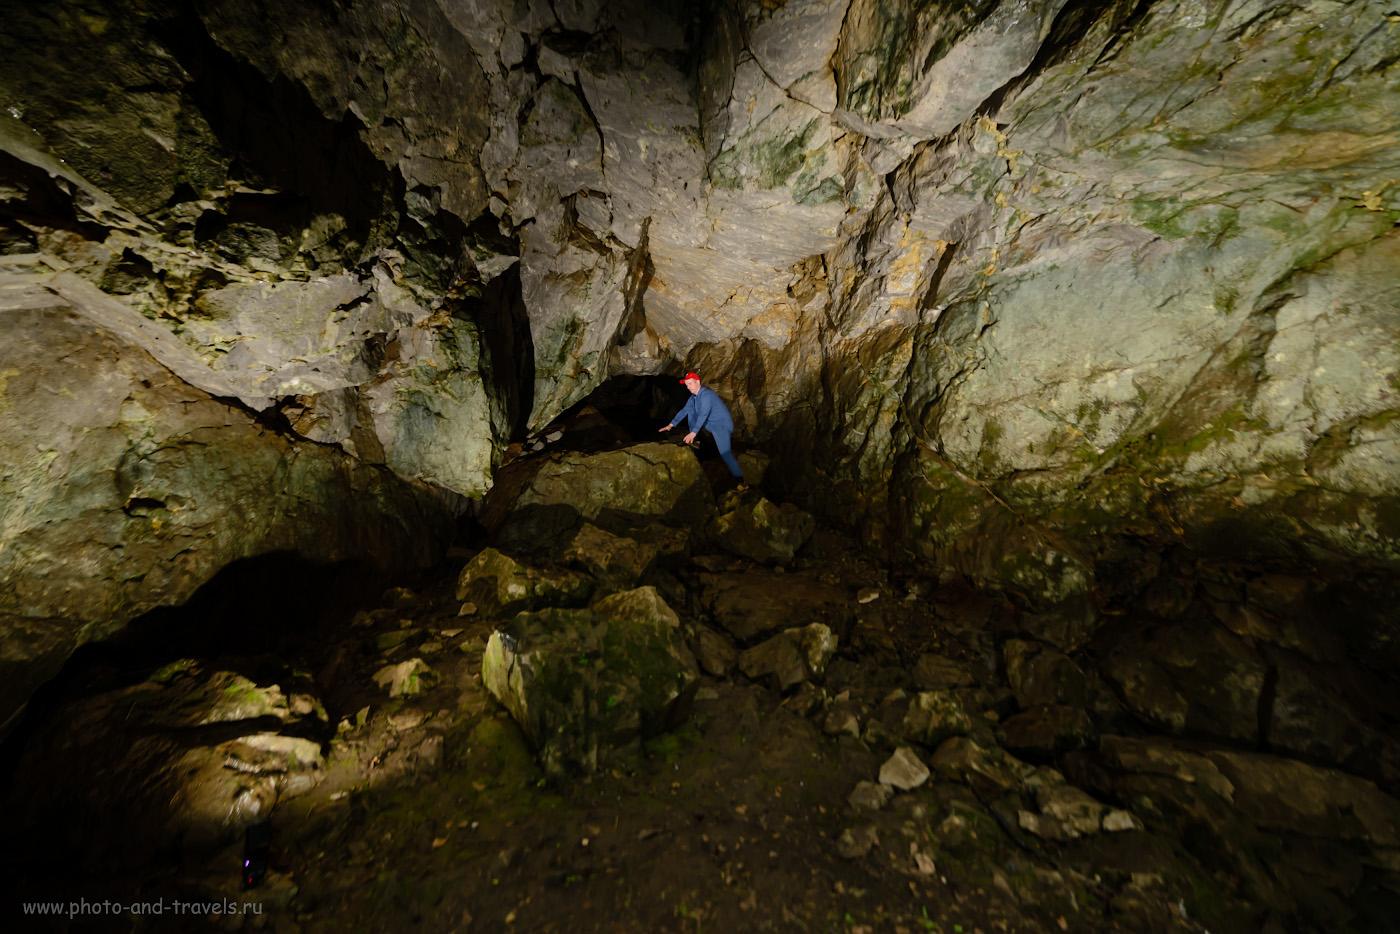 Фото 20. Грот пещеры Мшистая в «Долине Аракаевских пещер». Отзывы туристов, советы как добраться. 1/30, 2.8, 800, -0.67, 14.